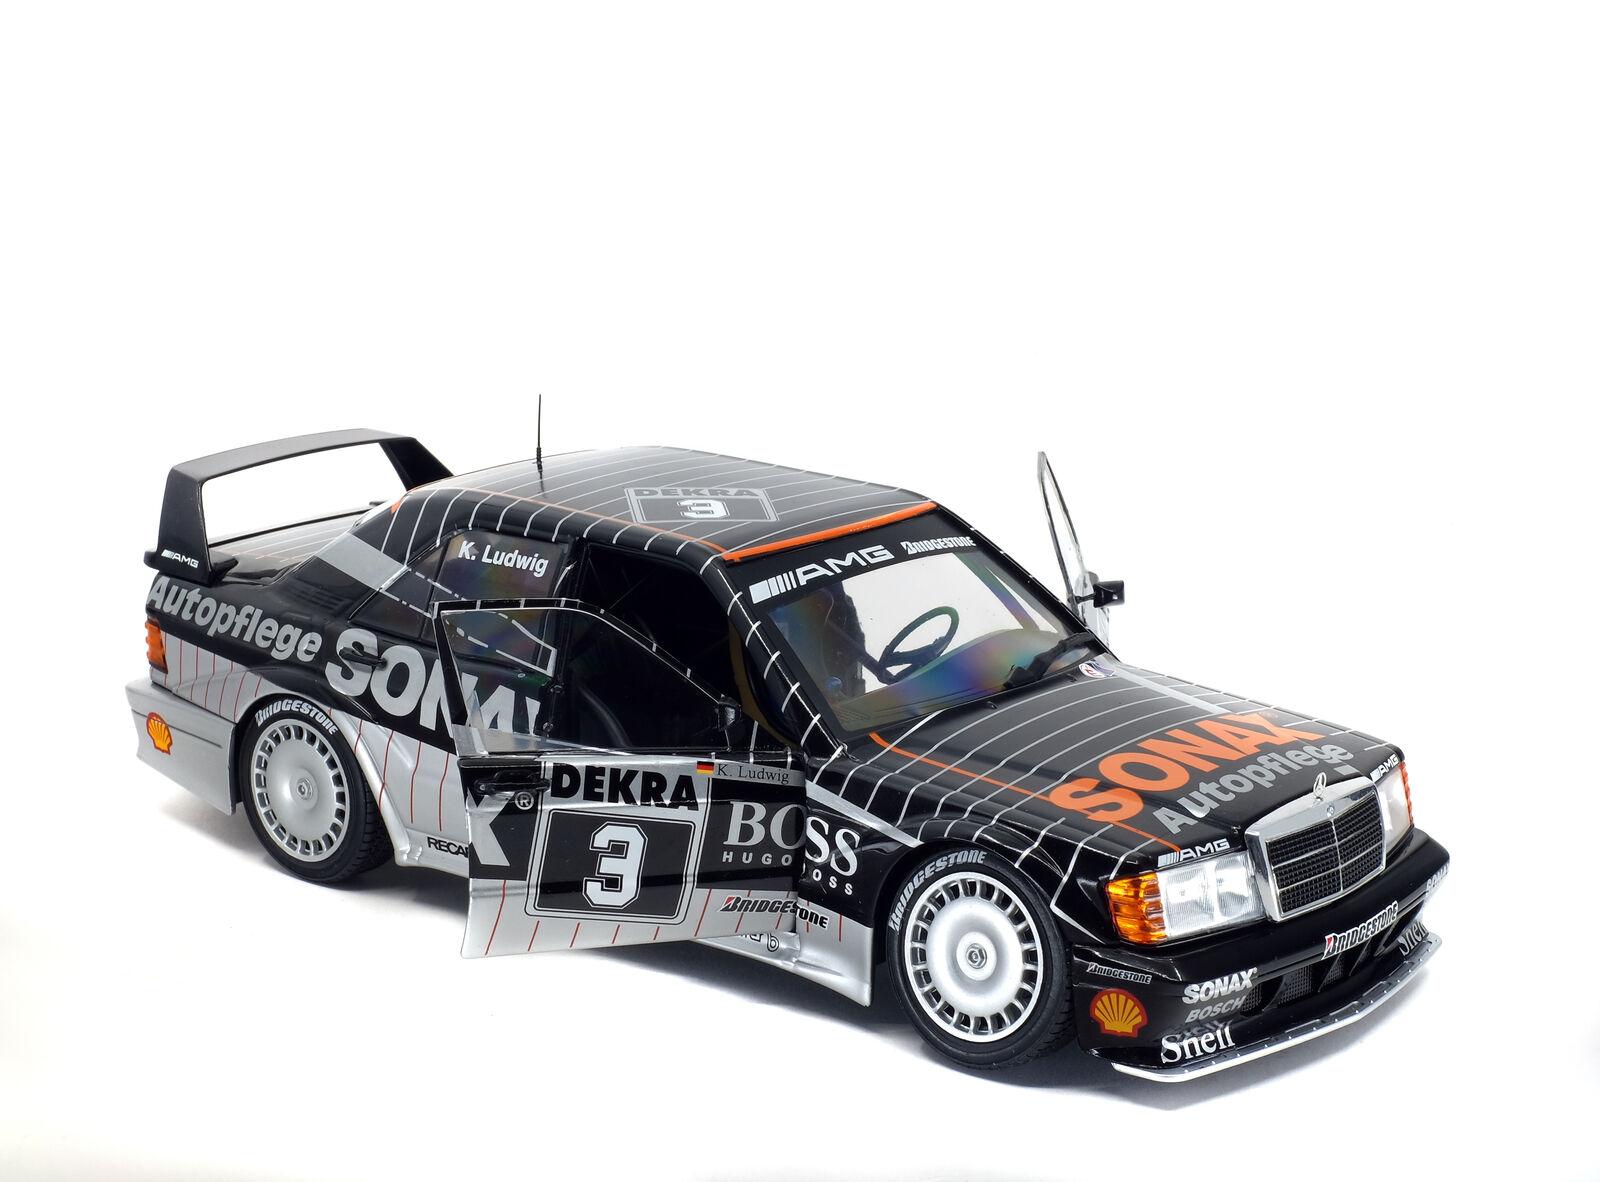 Mercedes W201 190E 2.5-16 Evo 2 DTM Sonax Modelauto 1002 Solido 1 18